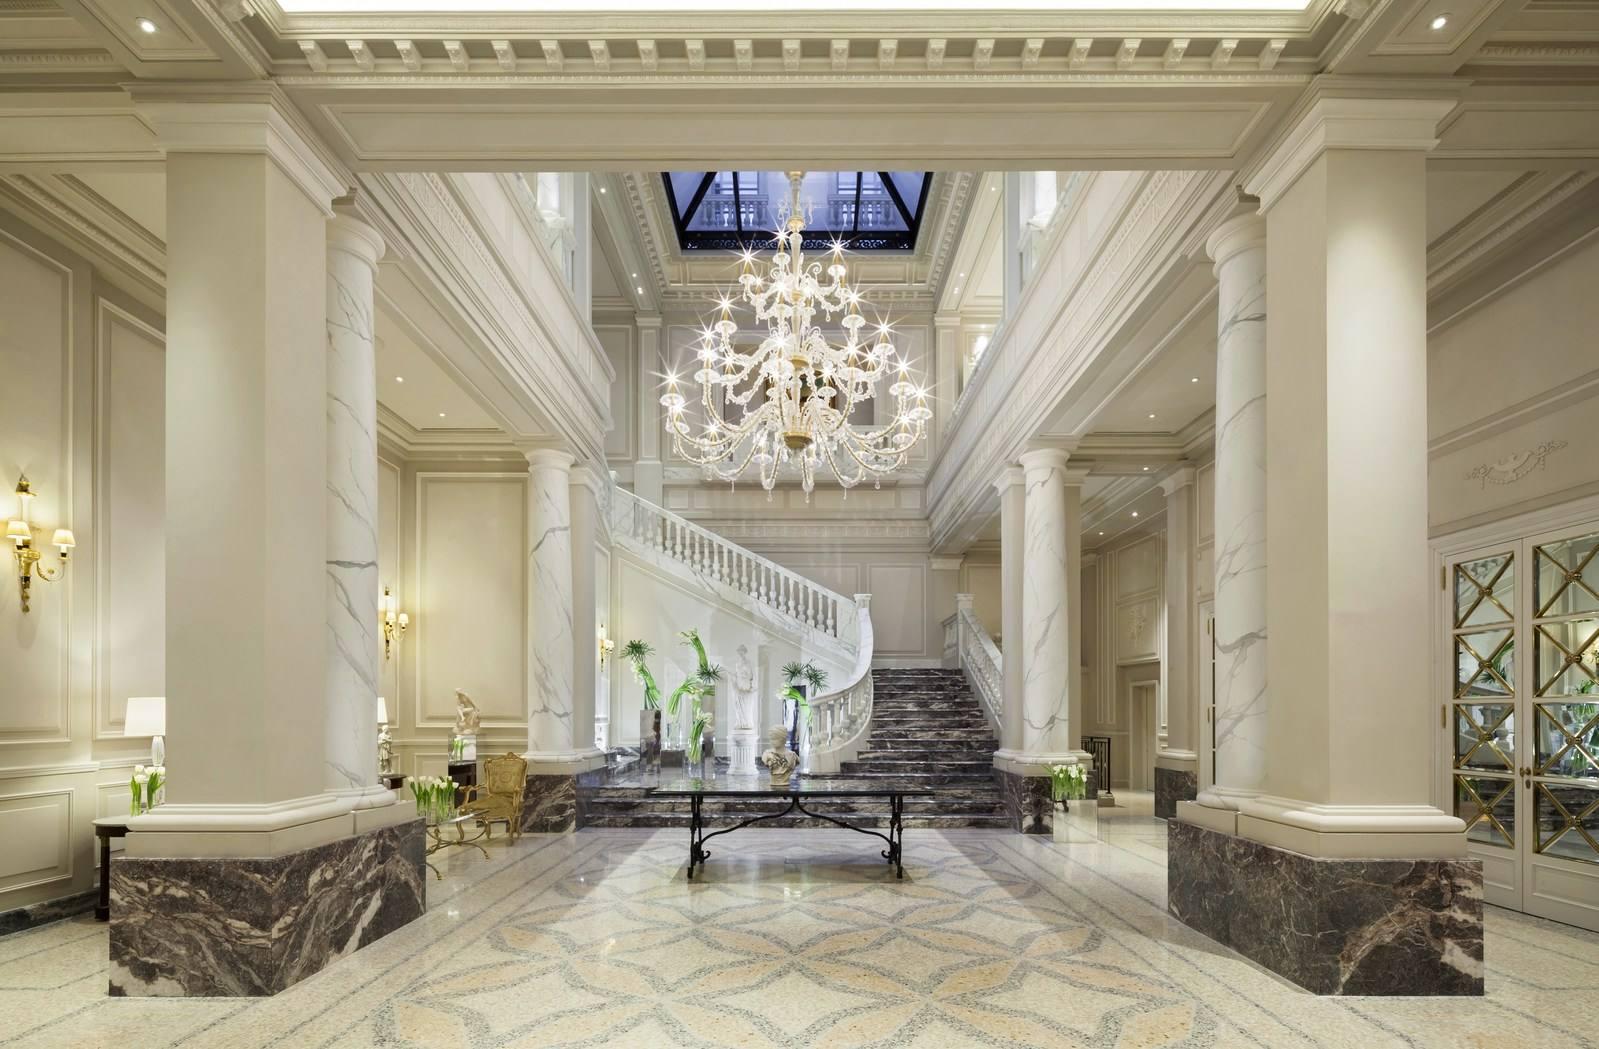 Progetto Cabina Armadio Wiki : A palazzo parigi debutta la duomo suite con vista sulla madonnina